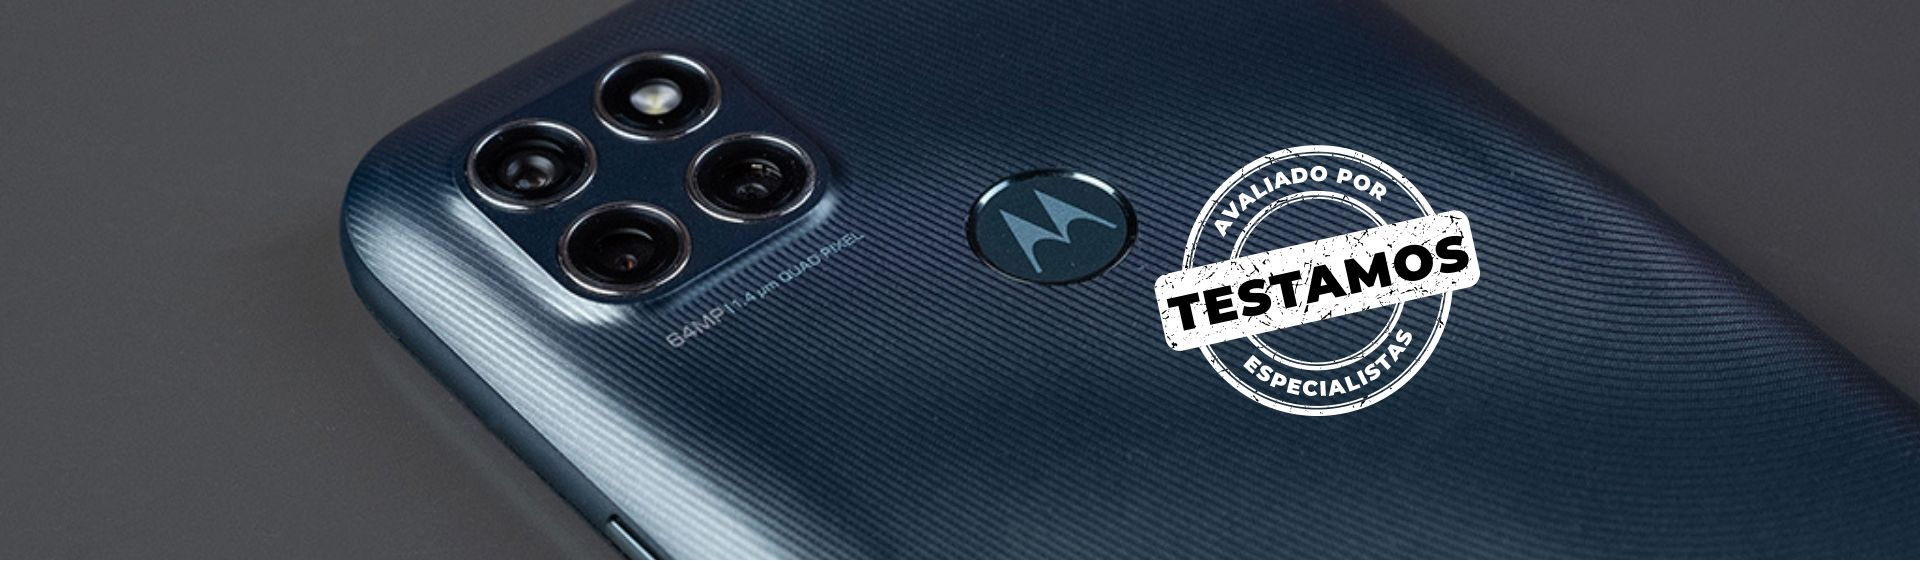 Moto G9 Power: um Motorola com boa bateria e tela grande